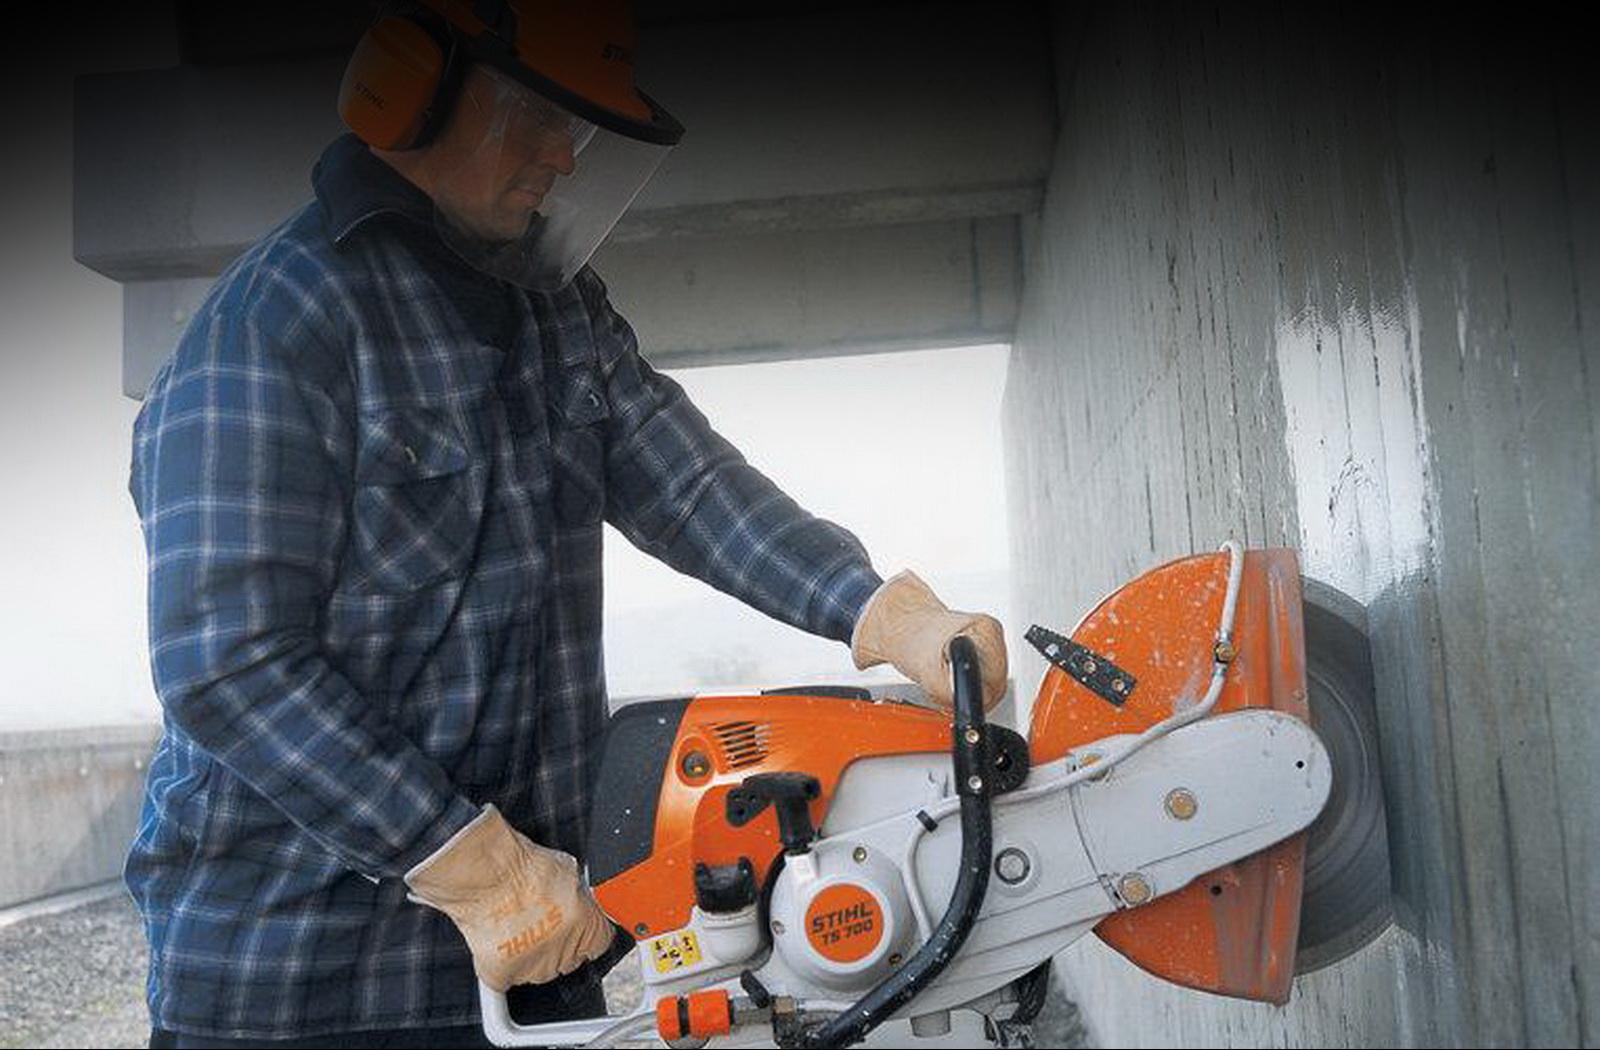 Благодаря этой технологии стало возможным разрезать строительные конструкции толщиной до 0,5 метра